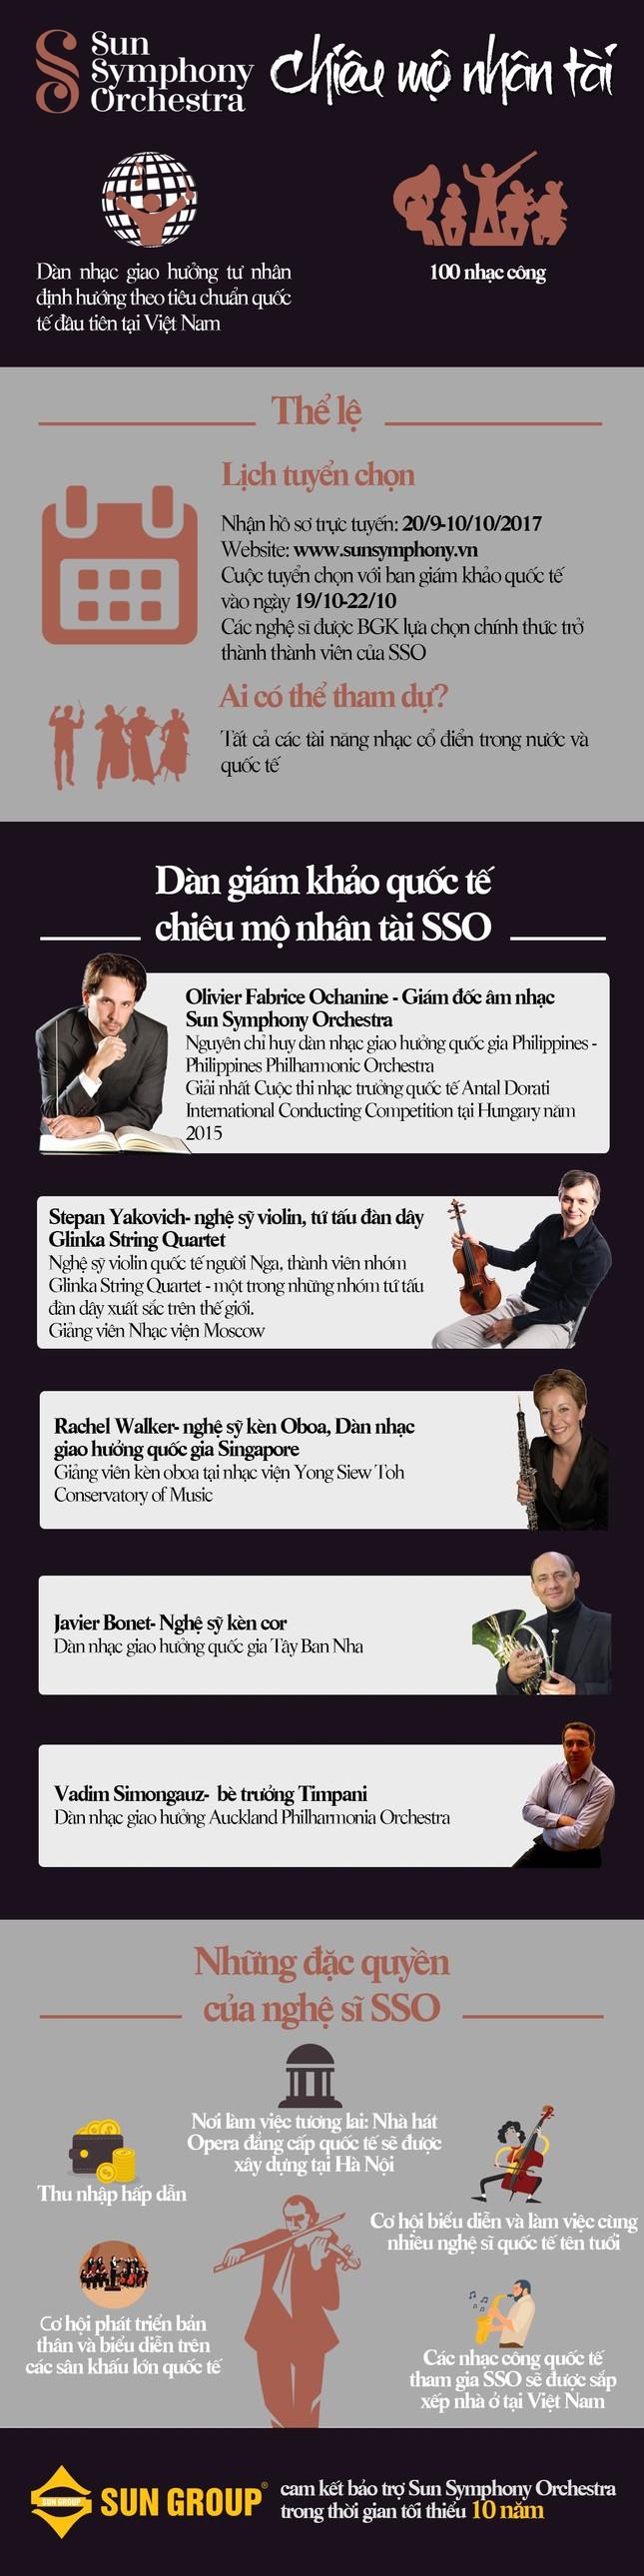 Infographic: Nhiều giám khảo quốc tế sẽ đánh giá tài năng âm nhạc cổ điển Việt Nam - ảnh 1